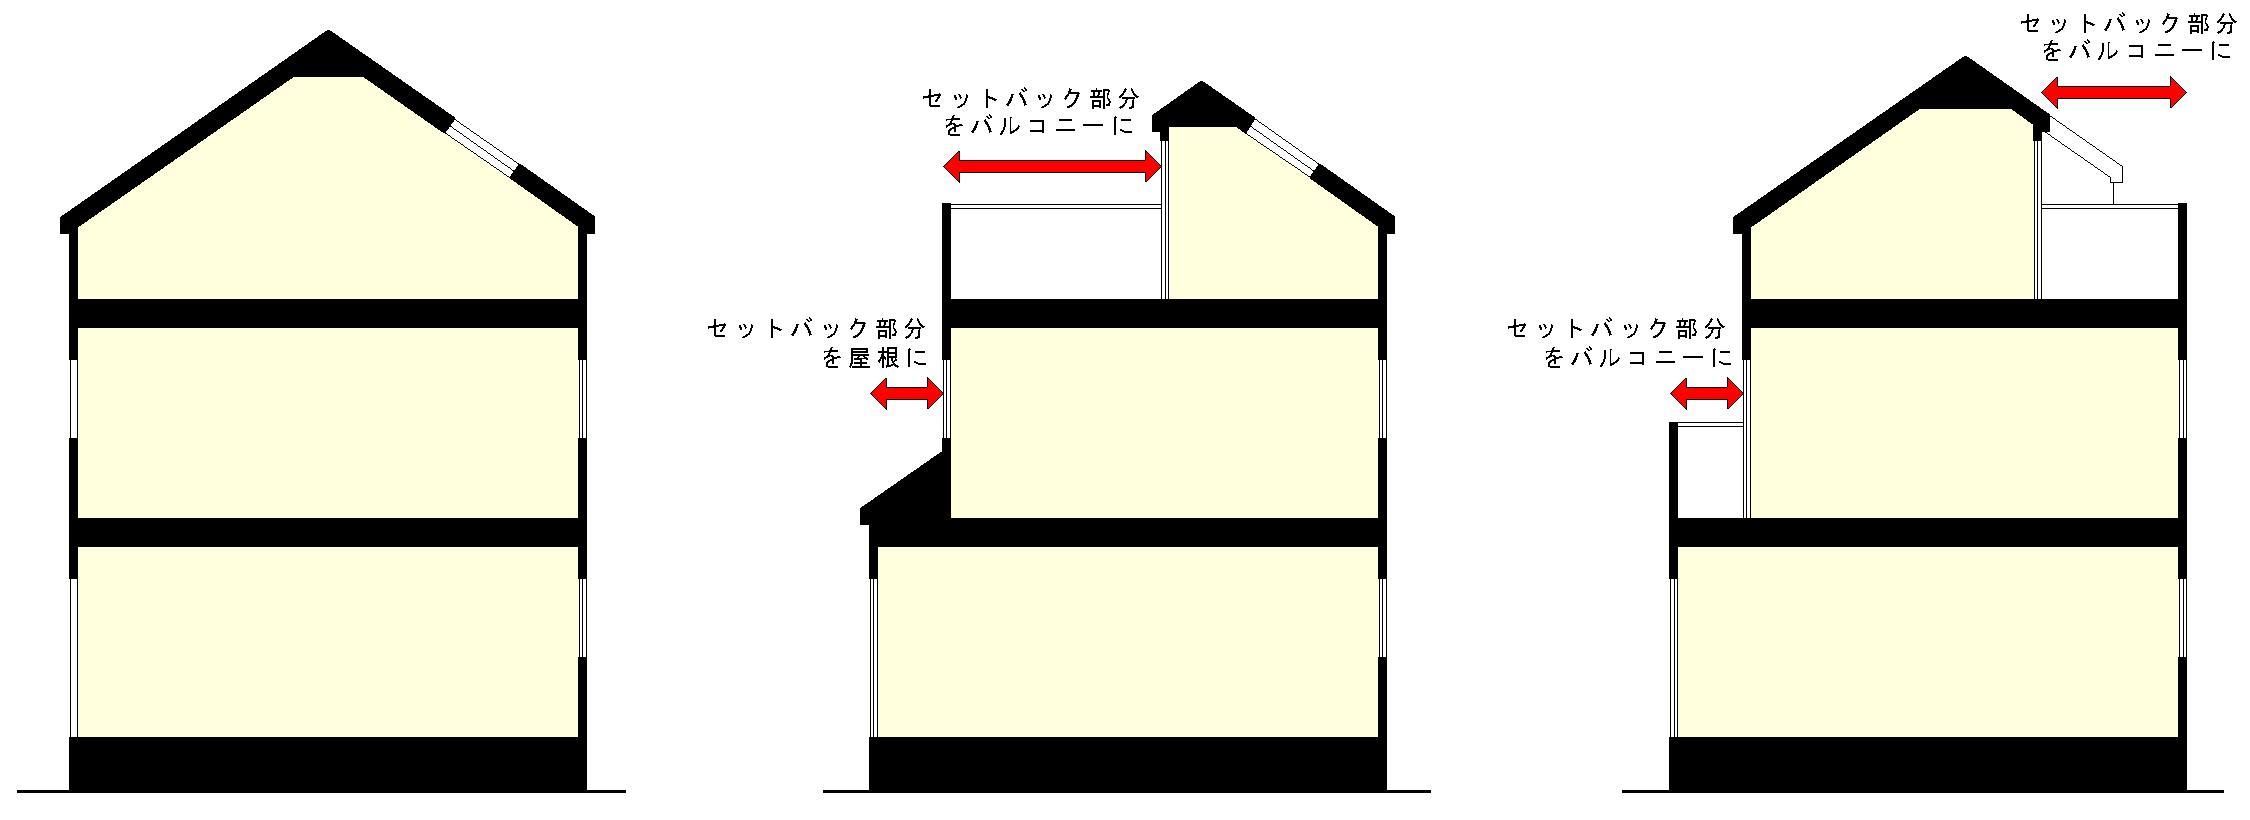 図:セットバック 杉本建築研究所